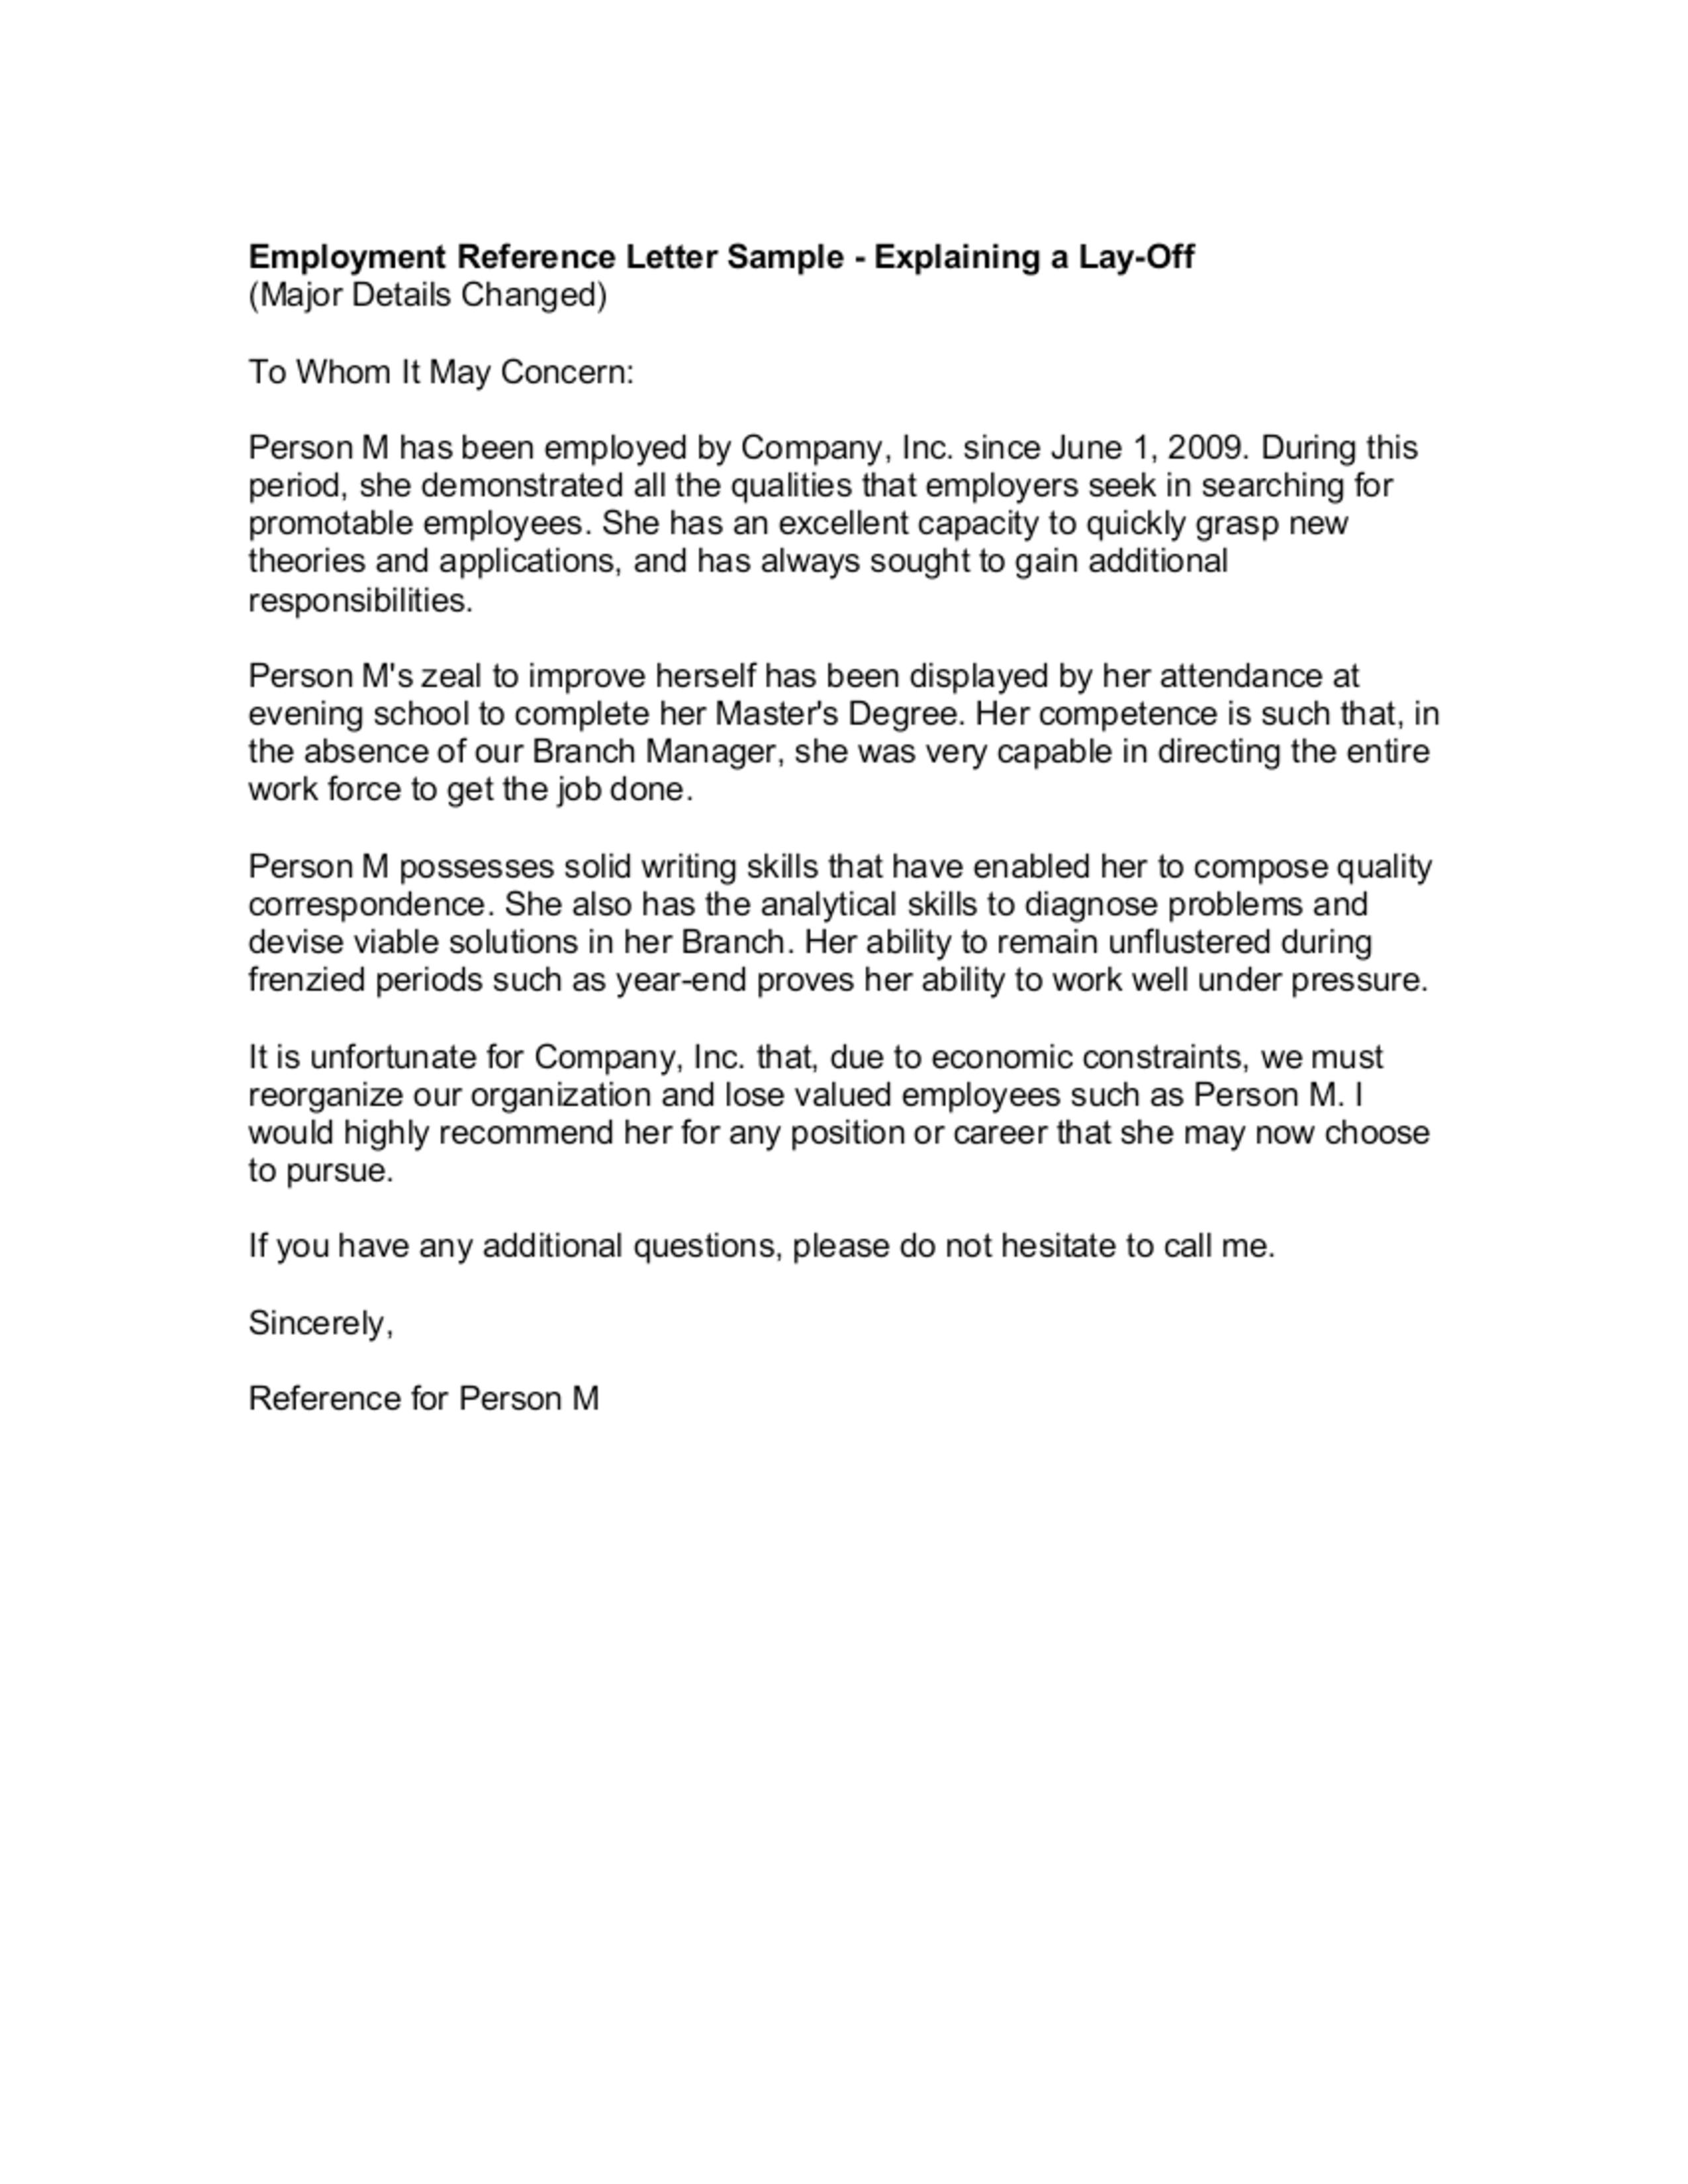 Employee Letter Samples Sample From